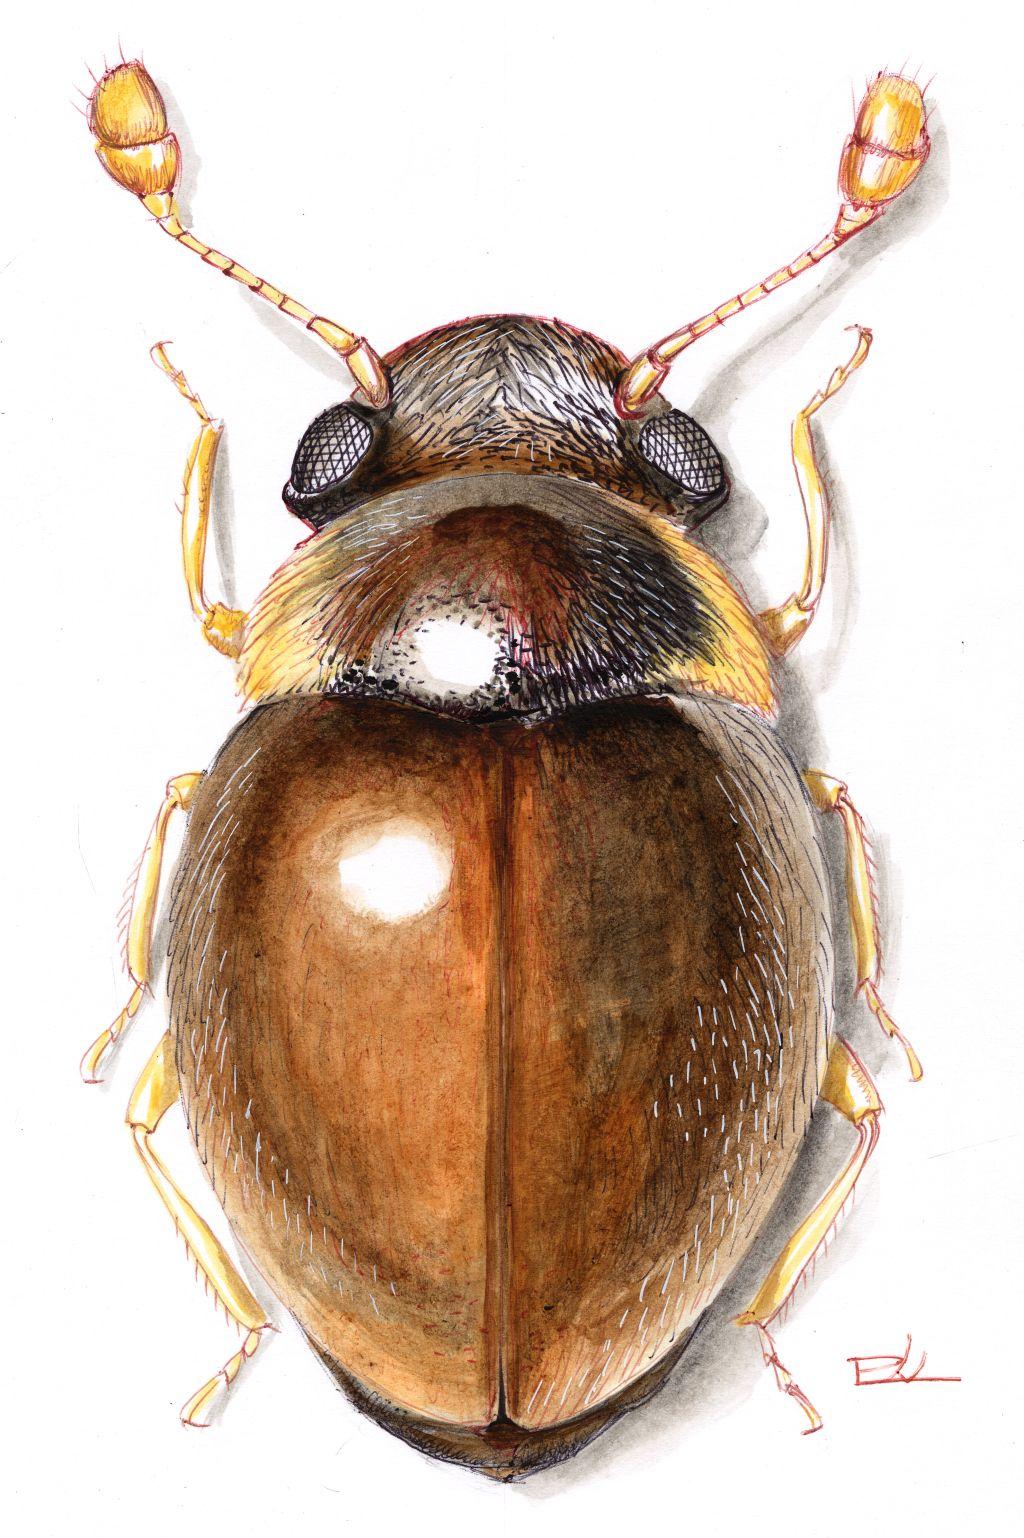 Szőrös combfedősbogár (Clambus pubescens)